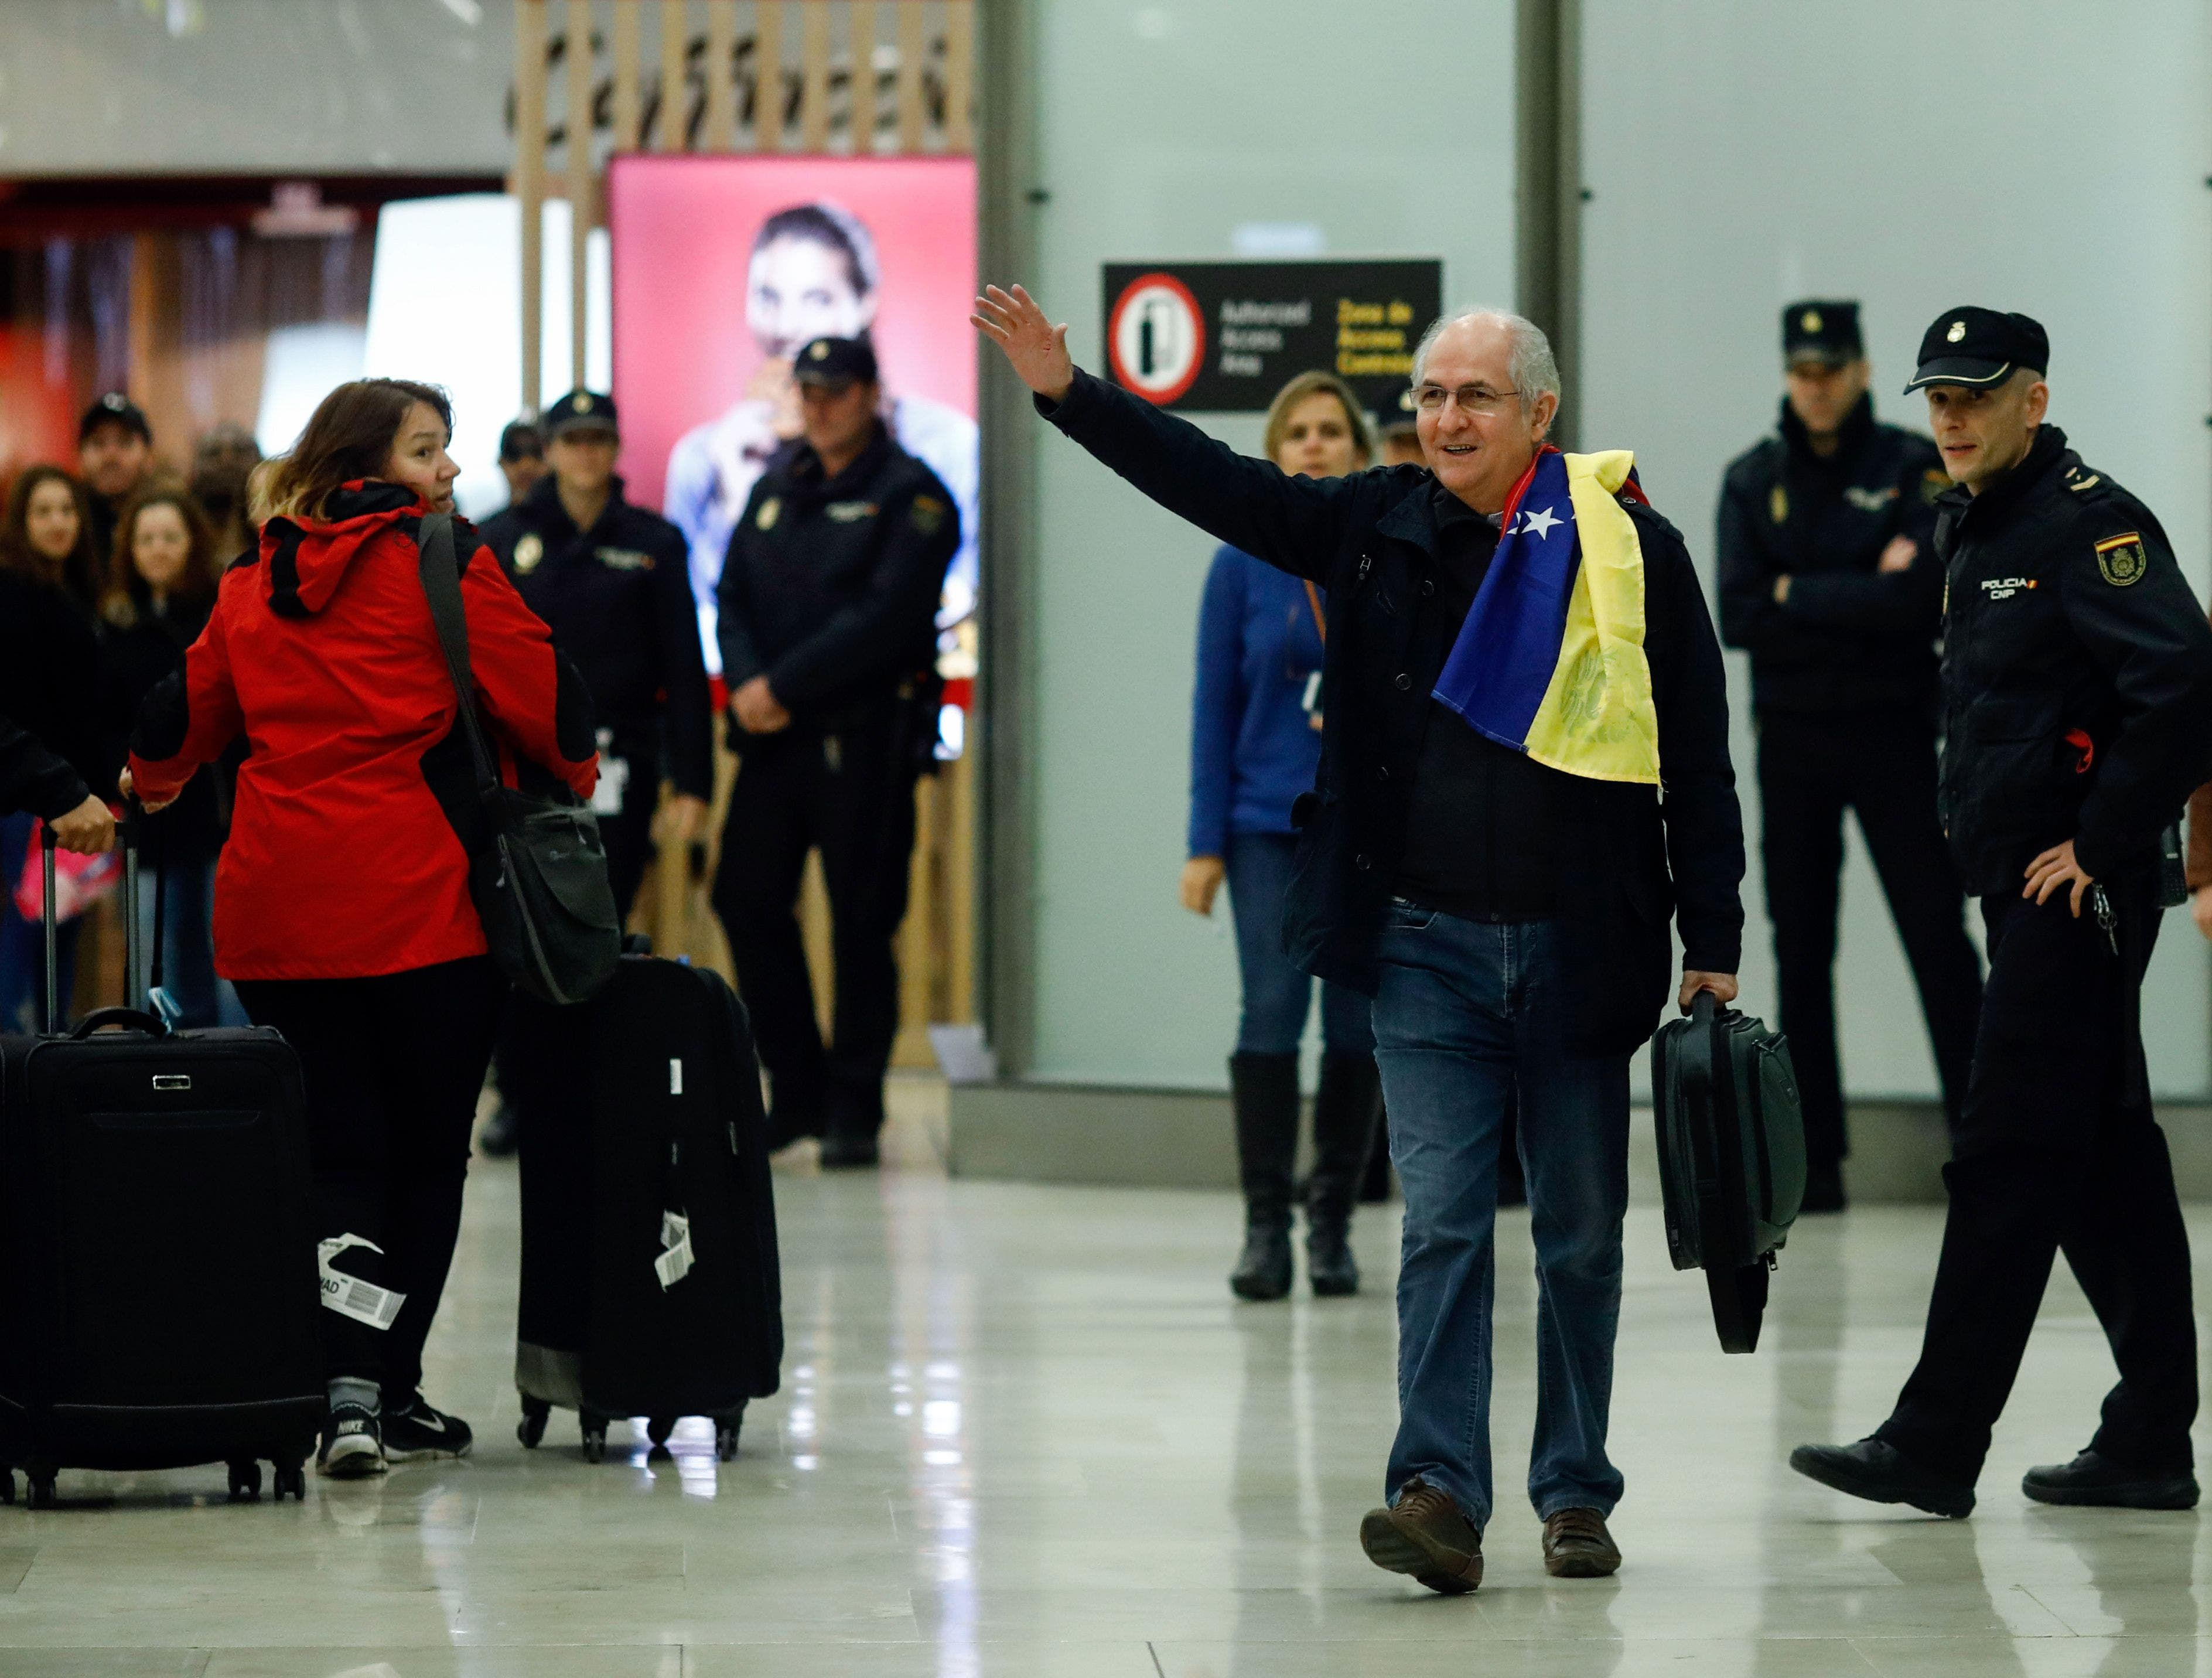 El alcalde de Caracas, Antonio Ledezma (2-R) saluda a su llegada al aeropuerto de Barajas el 18 de noviembre de 2017 en Madrid. Ledezma llegó de Bogotá a España el 18 de noviembre tras escapar del arresto domiciliario en la capital venezolana, luego de haber sido acusado de conspiración contra el gobierno de Nicolás Maduro. / AFP